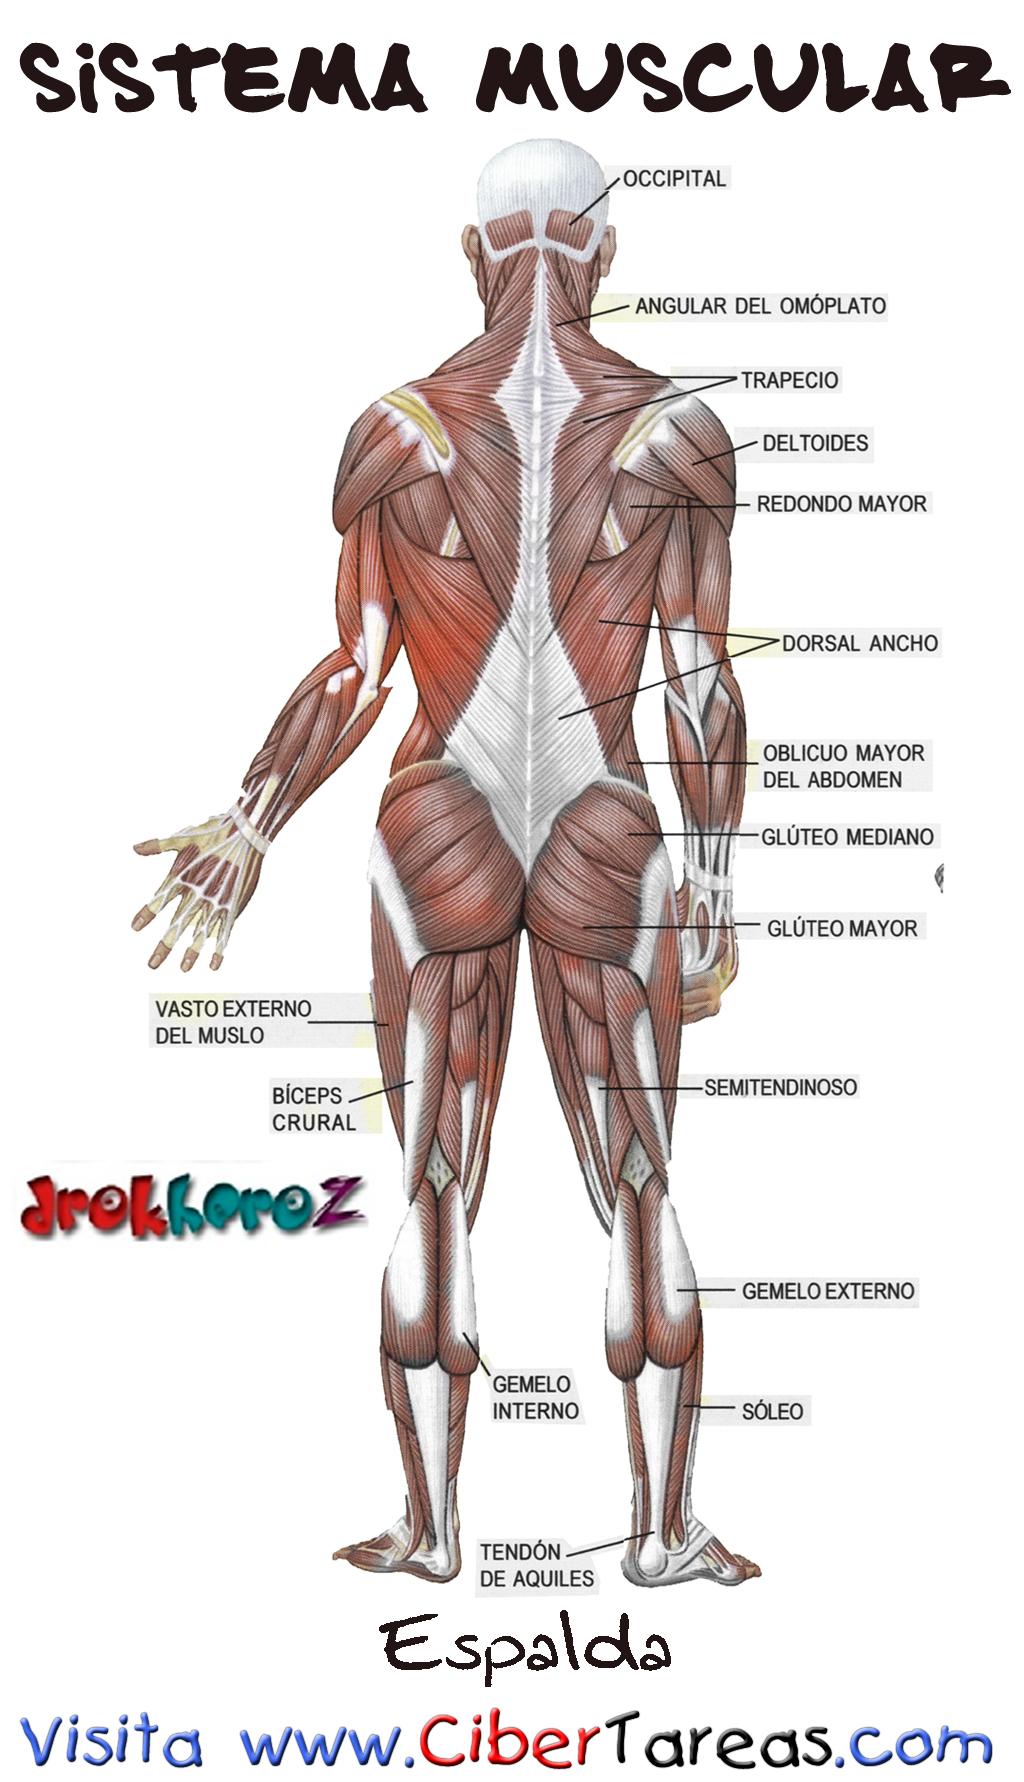 Fantástico Gráfico De Músculo De La Espalda Inspiración - Imágenes ...